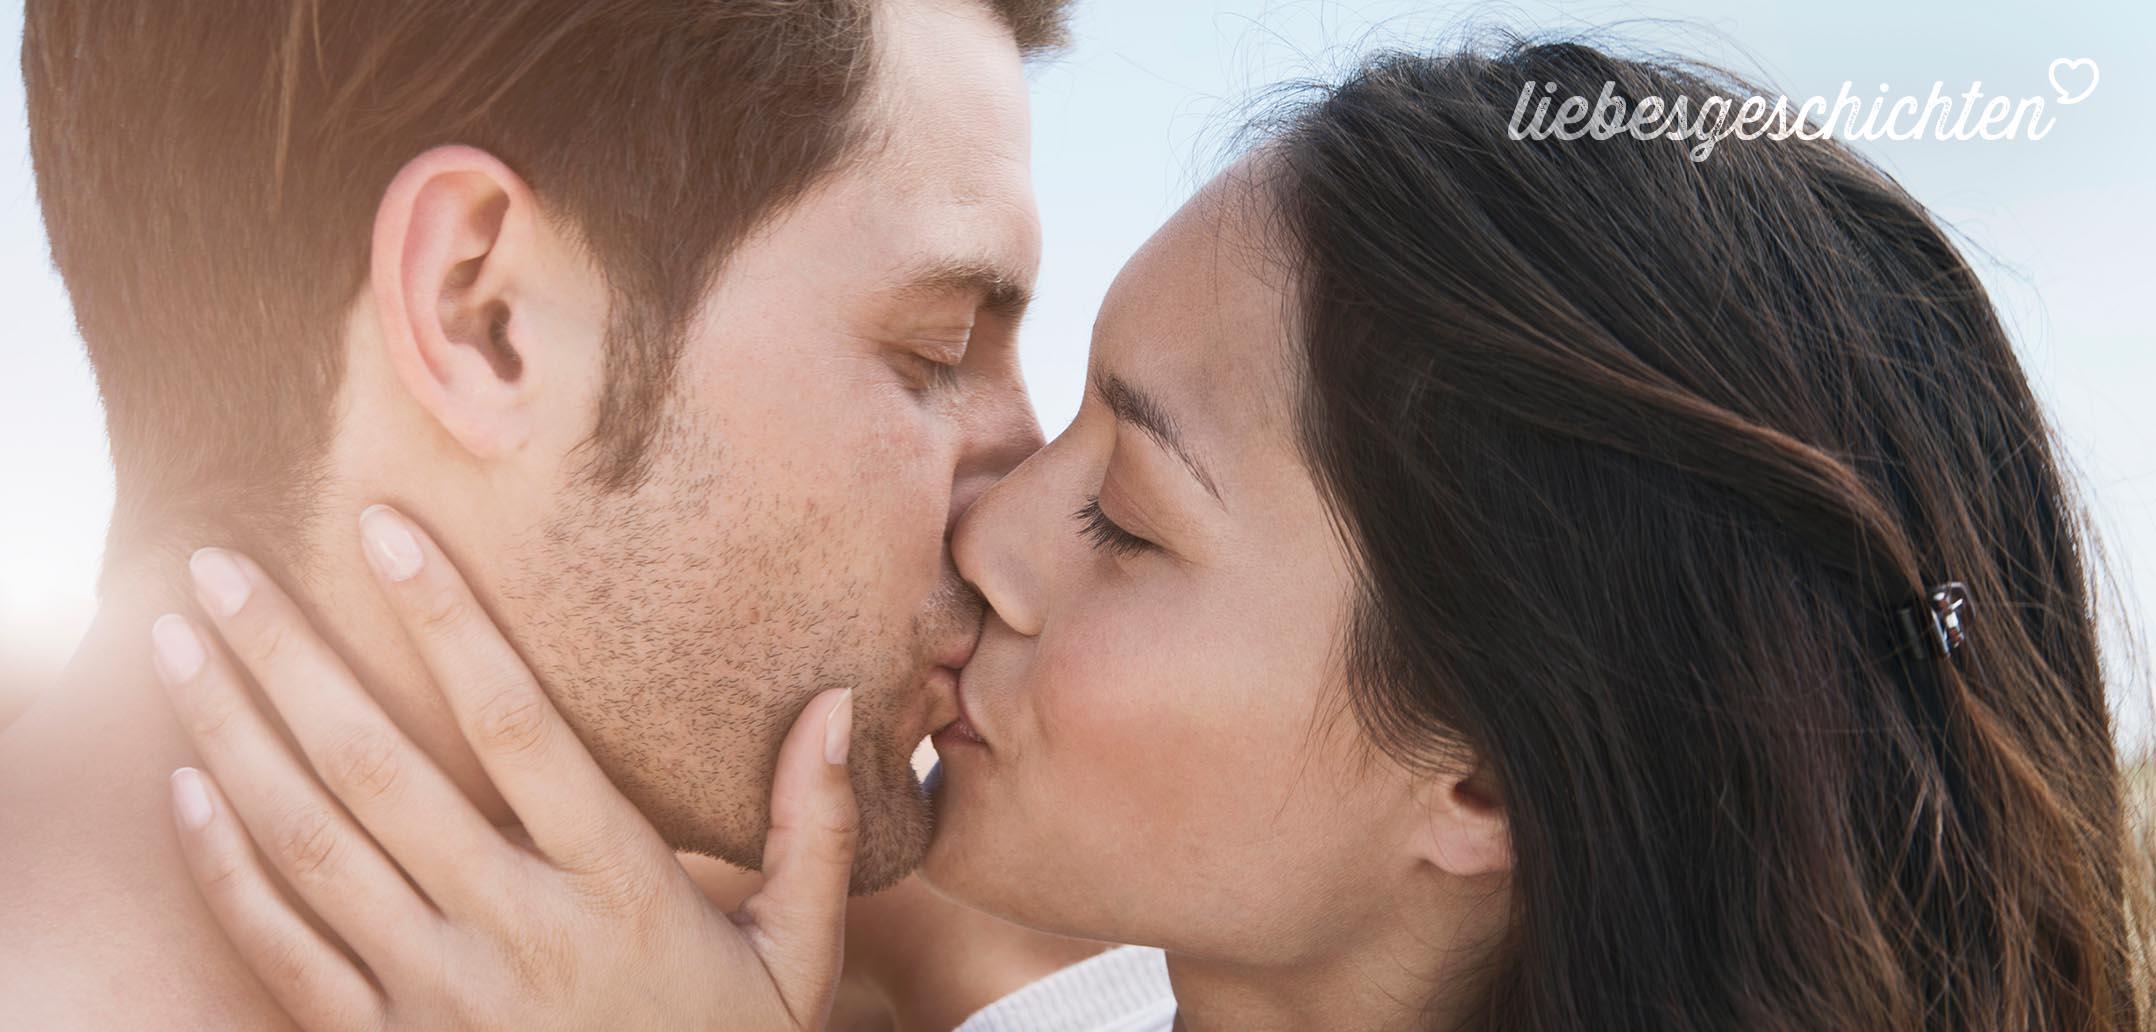 Sich liebevoll küssendes junges Pärchen